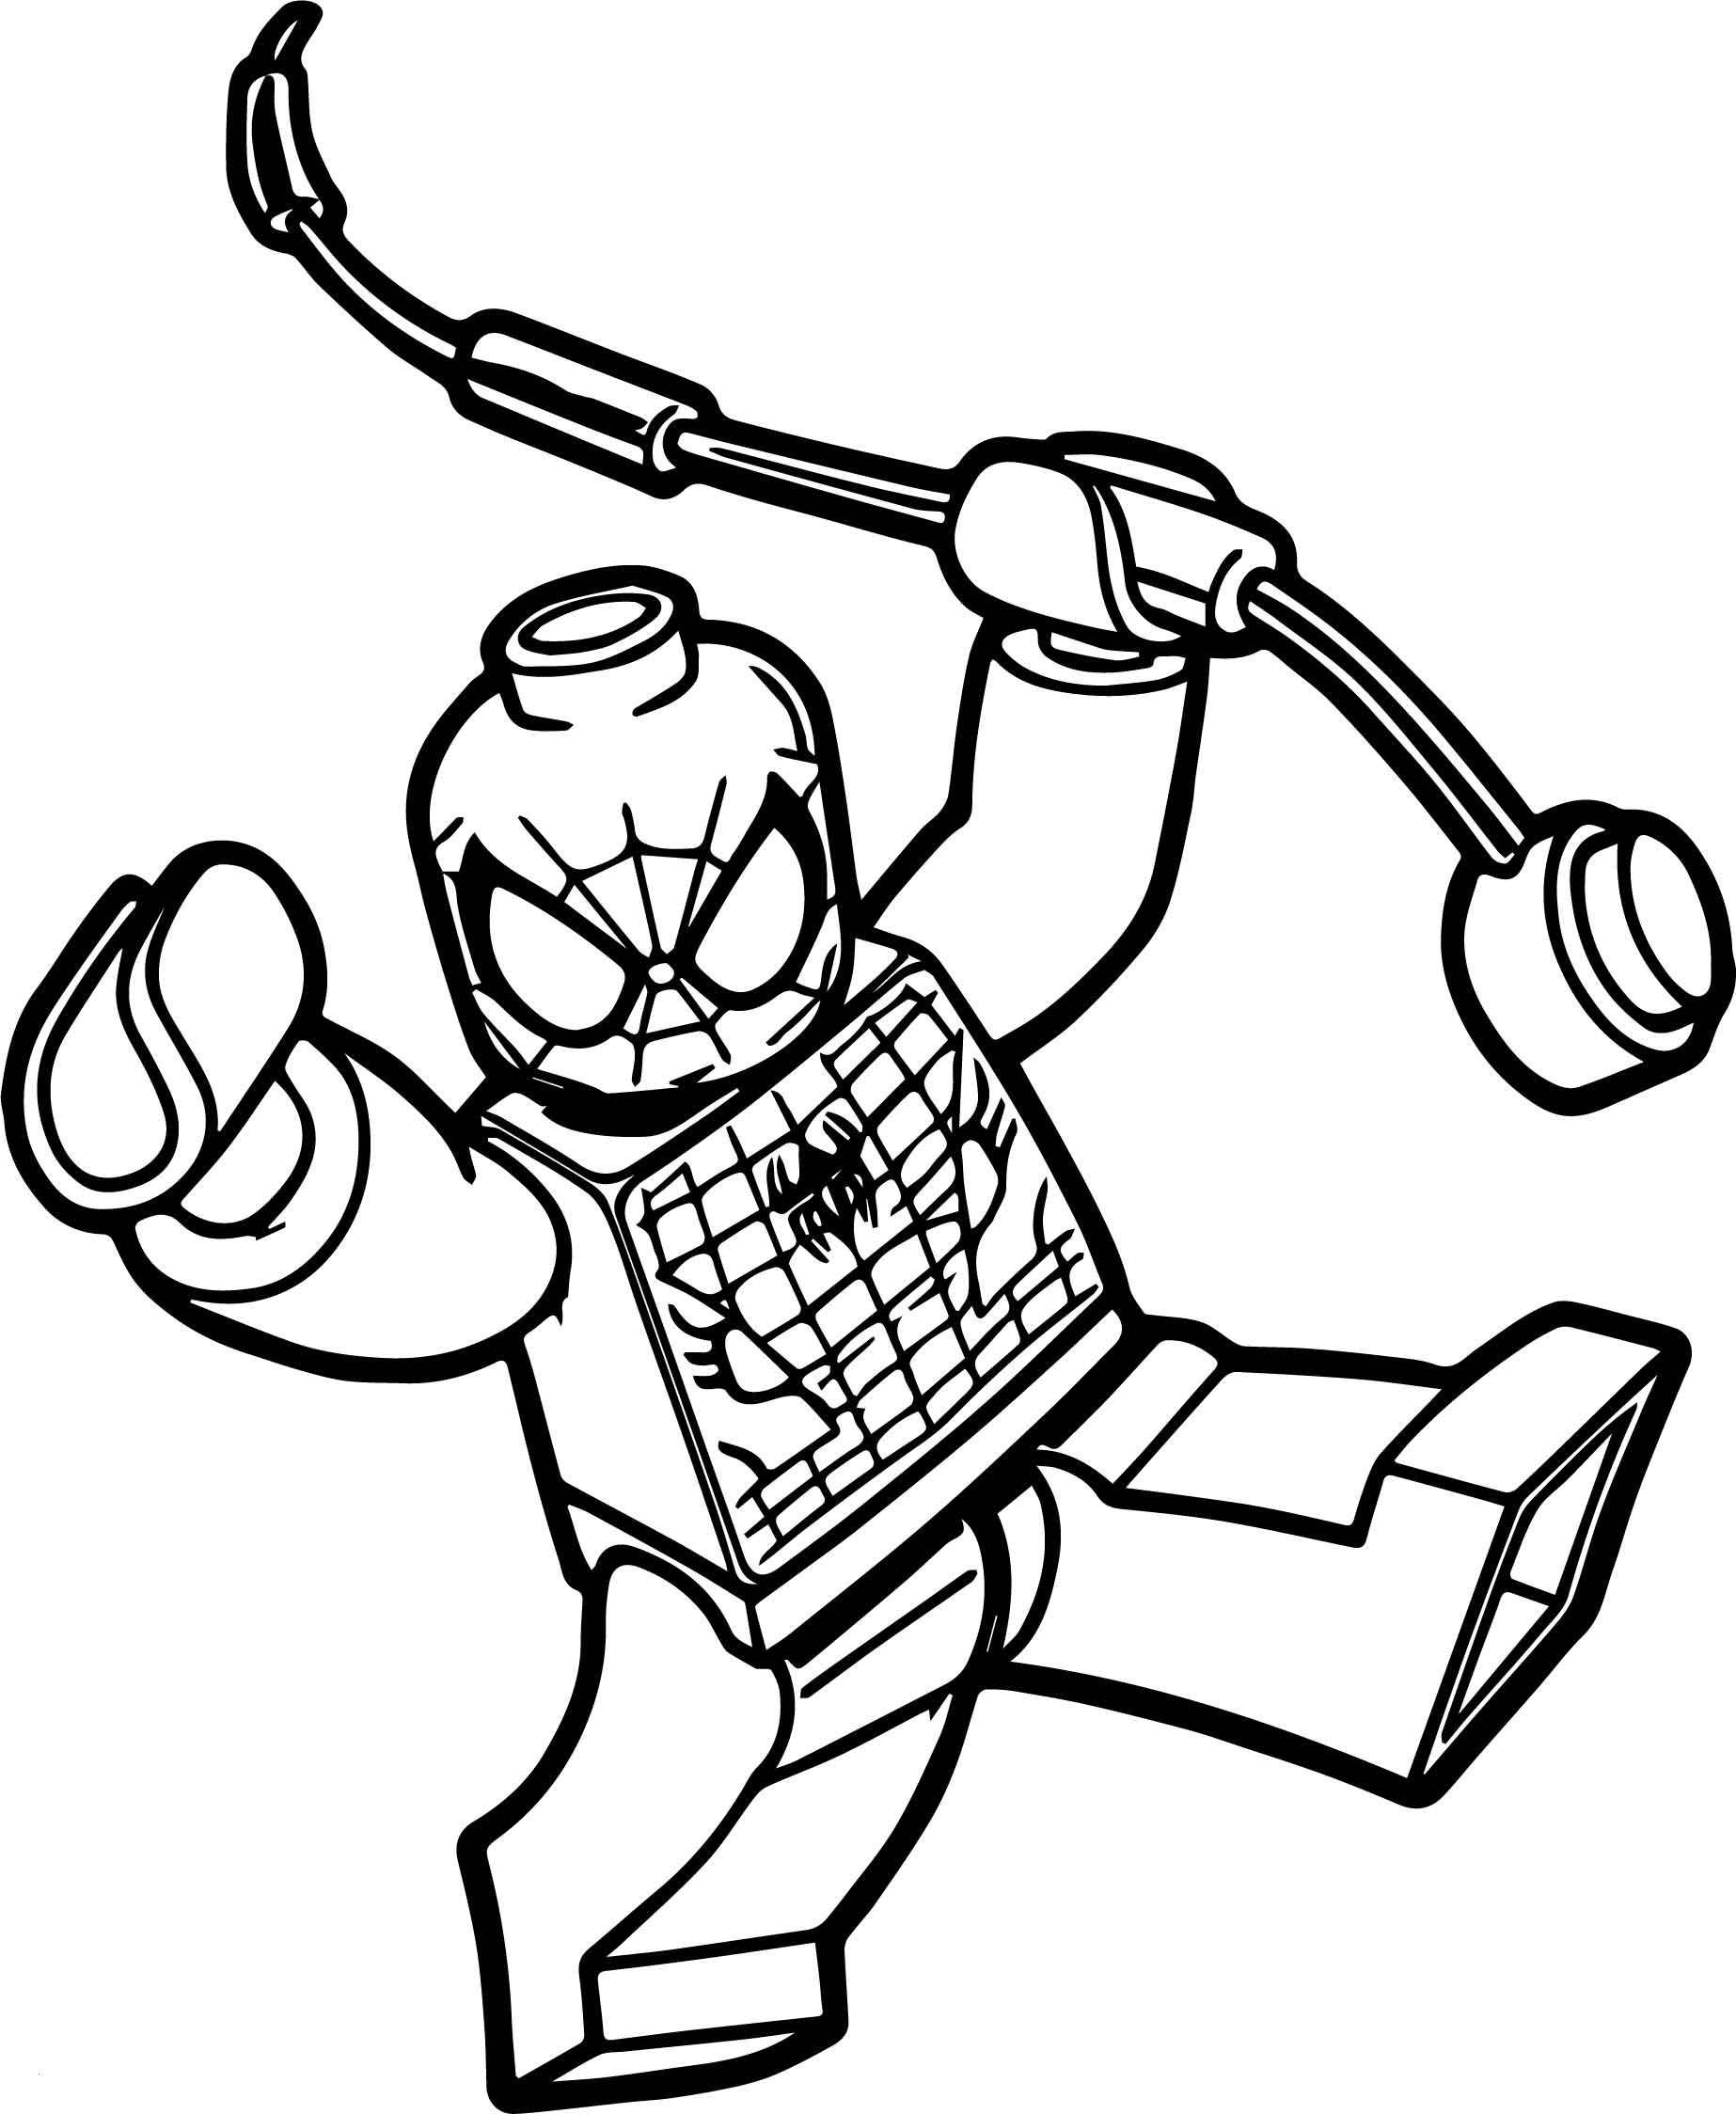 zum ausmalen spiderman ausmalbilder  malvorlagen